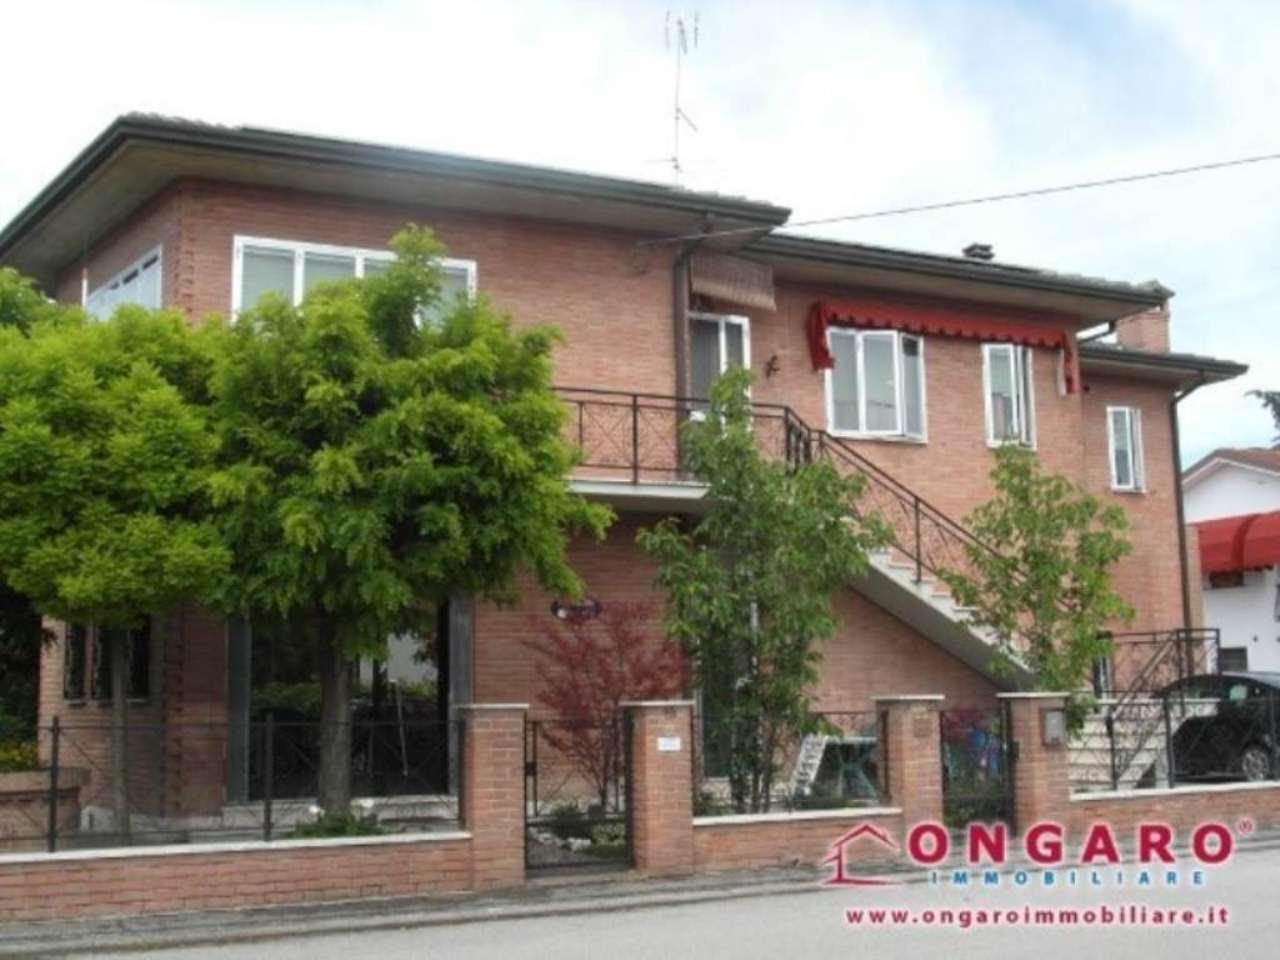 Soluzione Indipendente in vendita a Copparo, 6 locali, prezzo € 270.000 | Cambio Casa.it